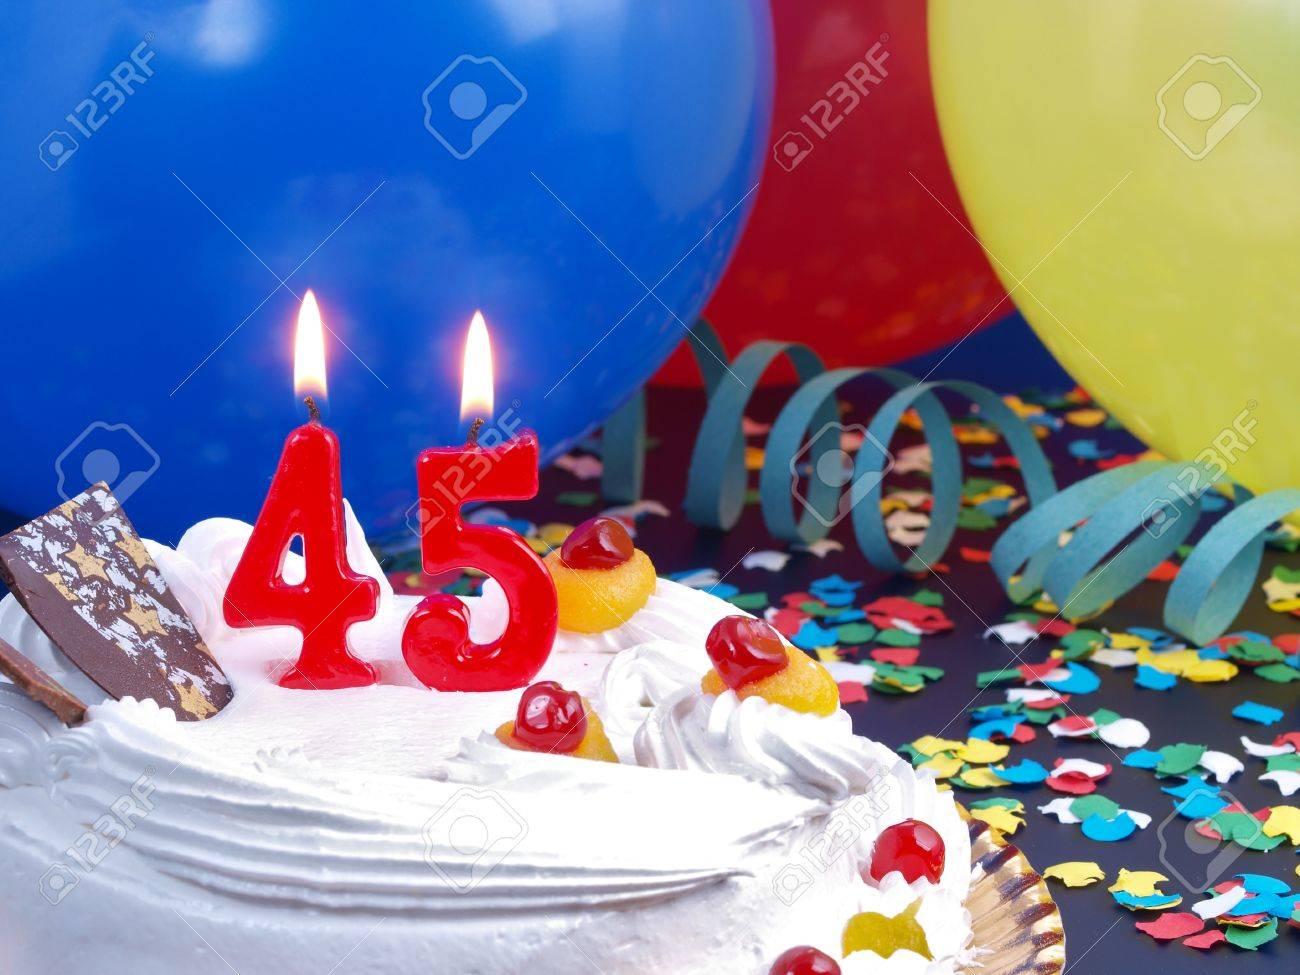 Me presento!!!! 15782549-Torta-de-cumplea-os-con-velas-rojas-que-muestran-Nr-45-Foto-de-archivo